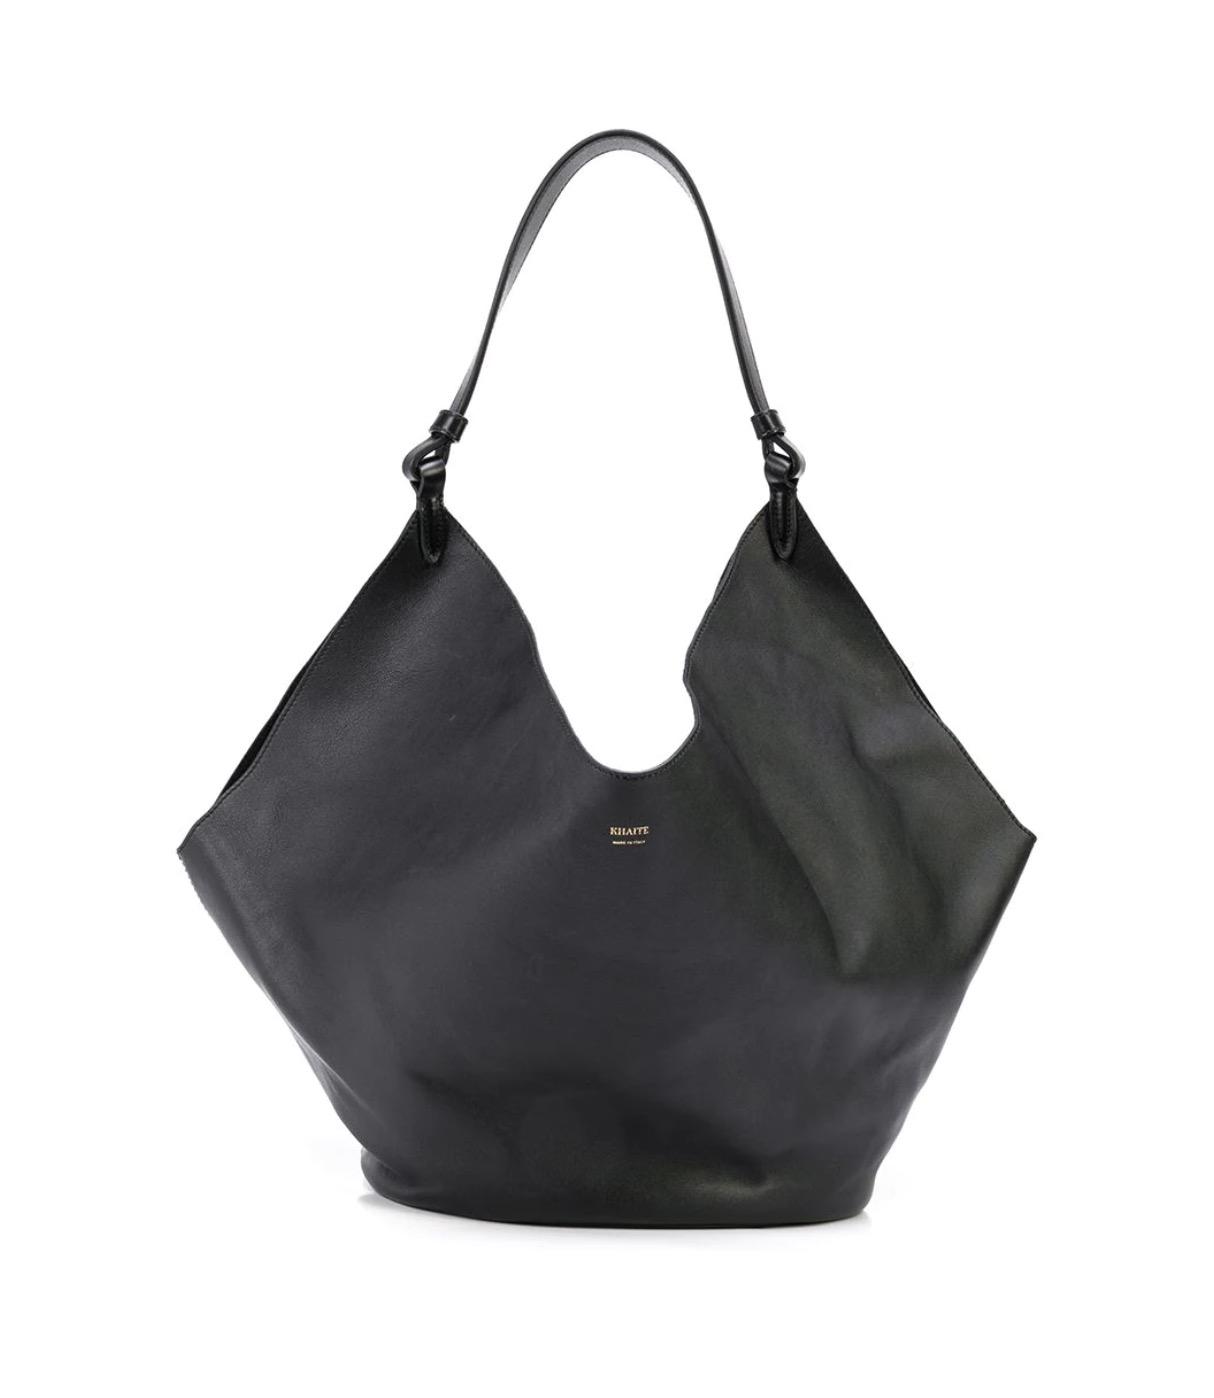 Khaite Bag Black